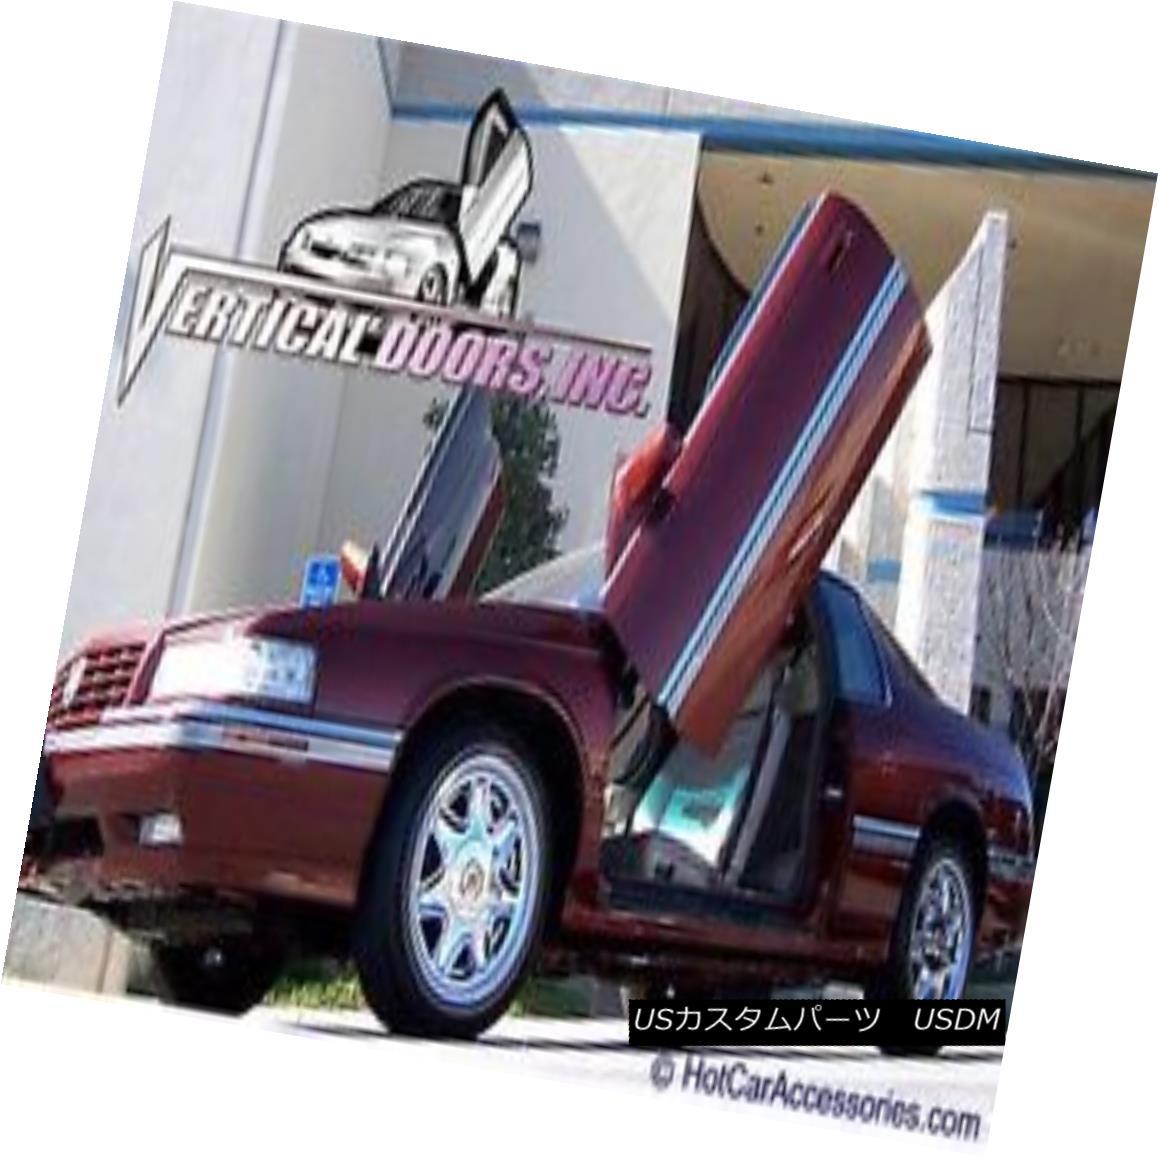 ガルウィングキット Cadillac Eldorado 1992-2002 Vertical Doors Door Kit -$125.00 REBATE! Cadillac Eldorado 1992-2002垂直ドア用ドアキット - $ 125.00 REBATE!